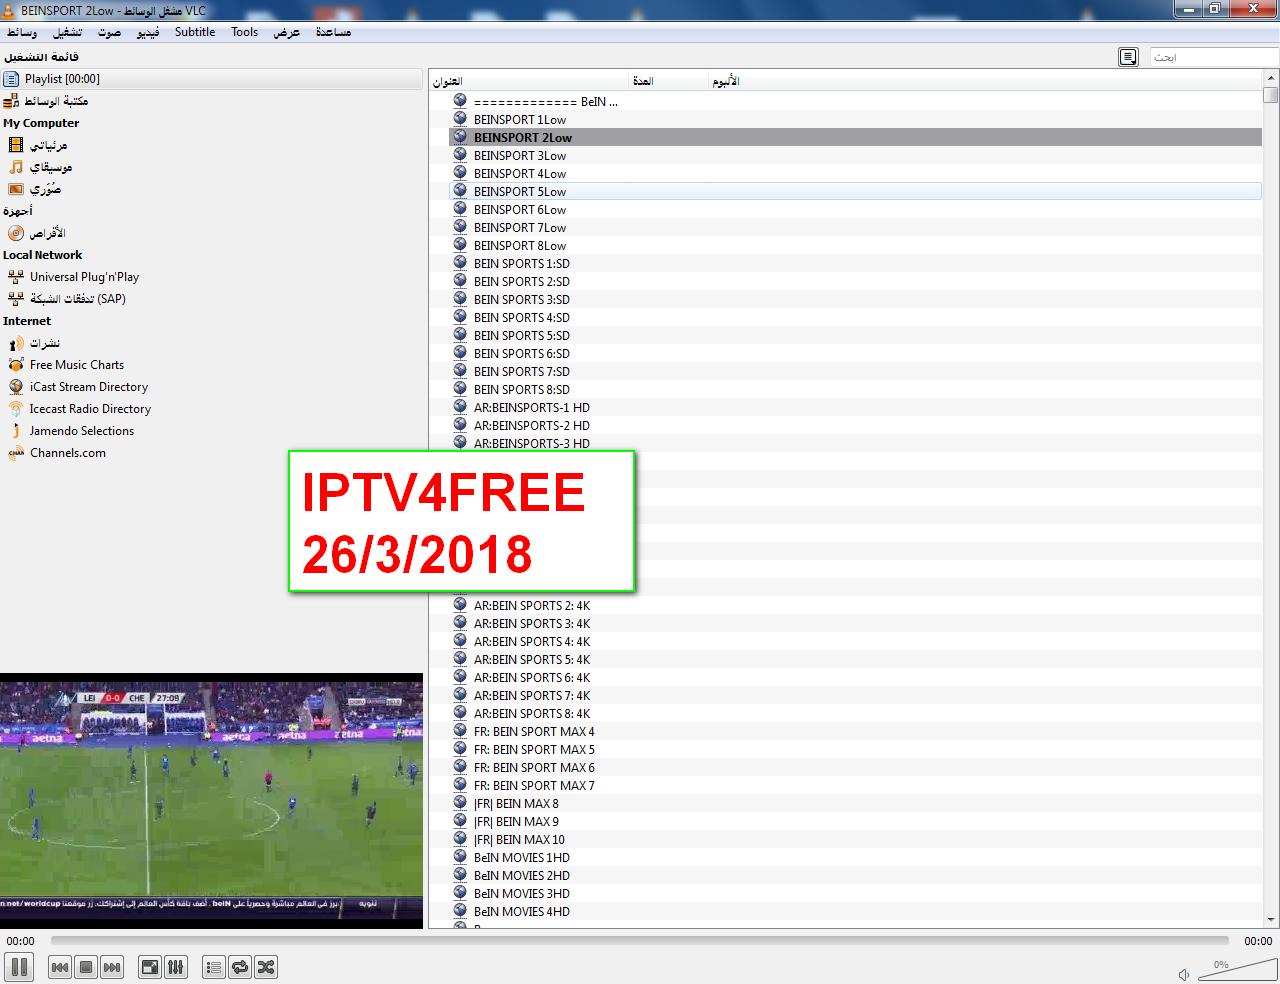 free iptv, hd iptv, iptv android, iptv box, iptv kodi, iptv m3u